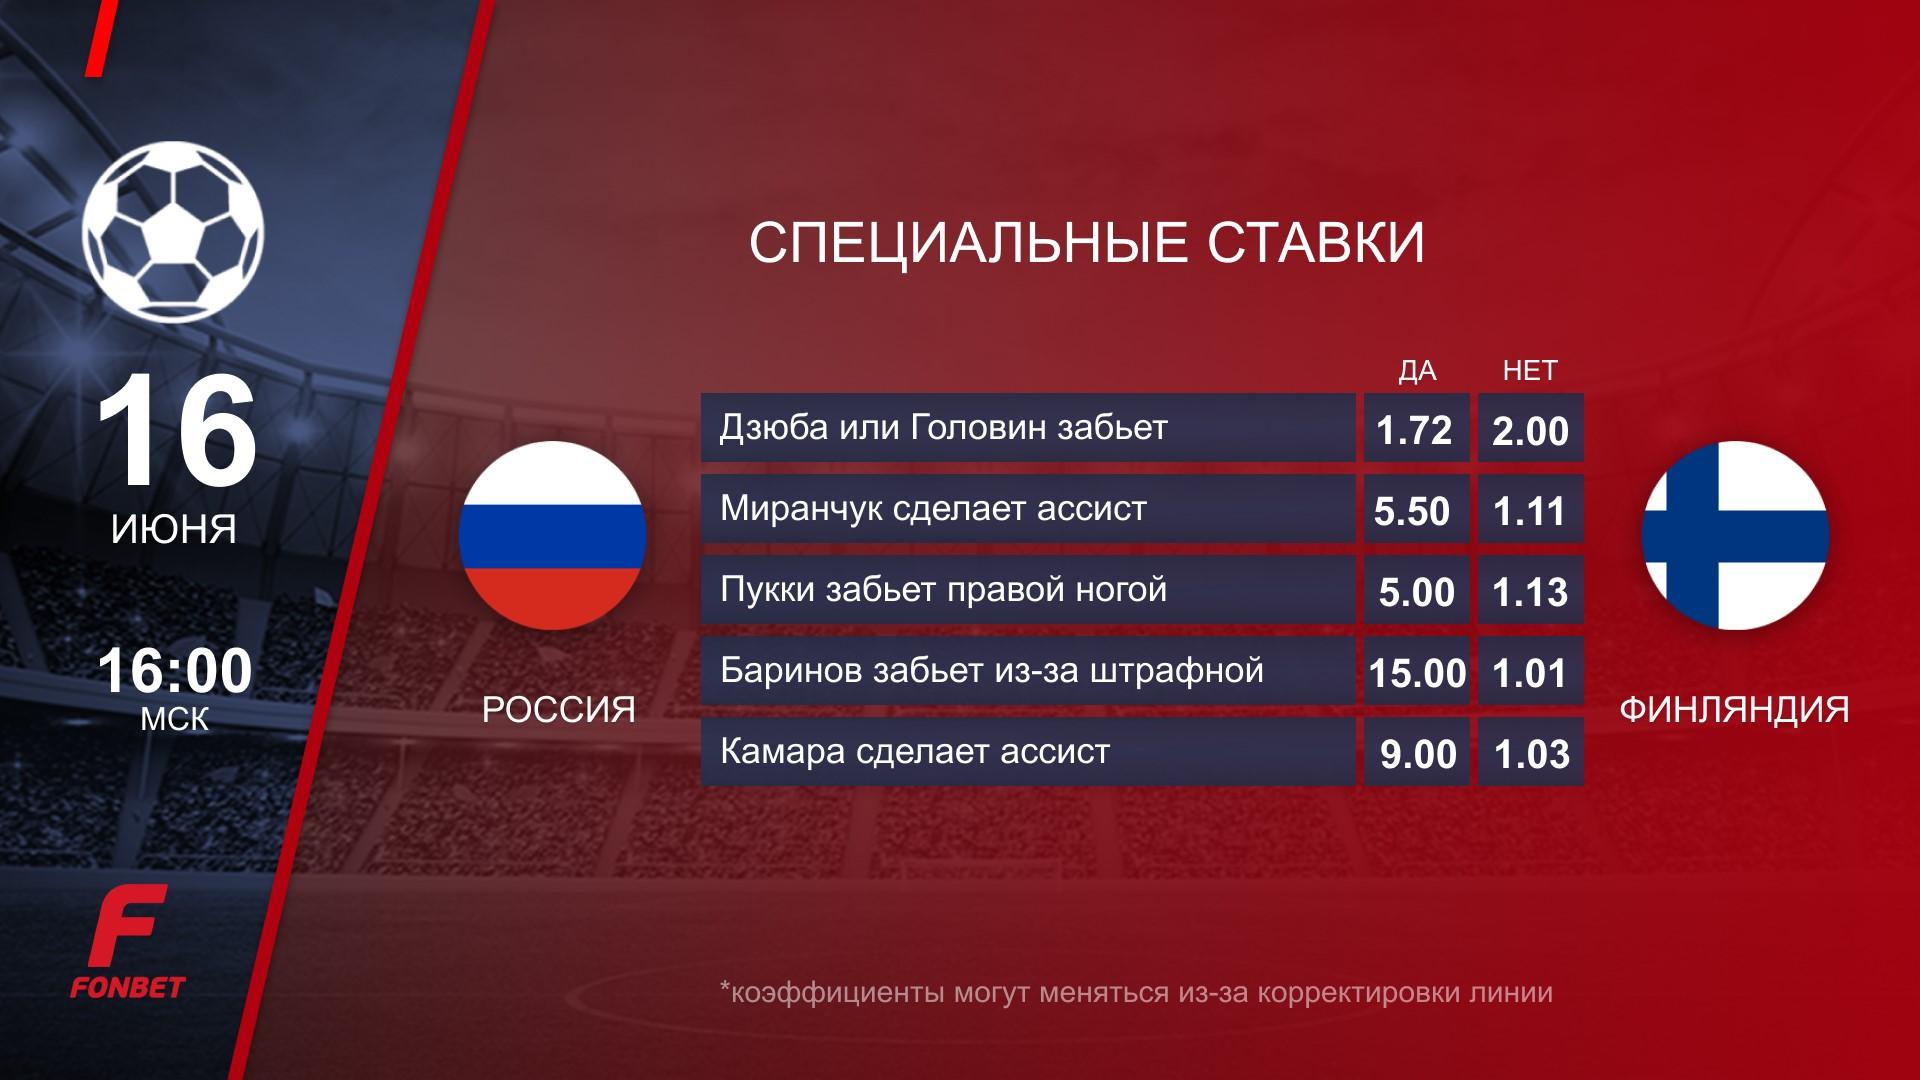 фонбет статистика на футбол